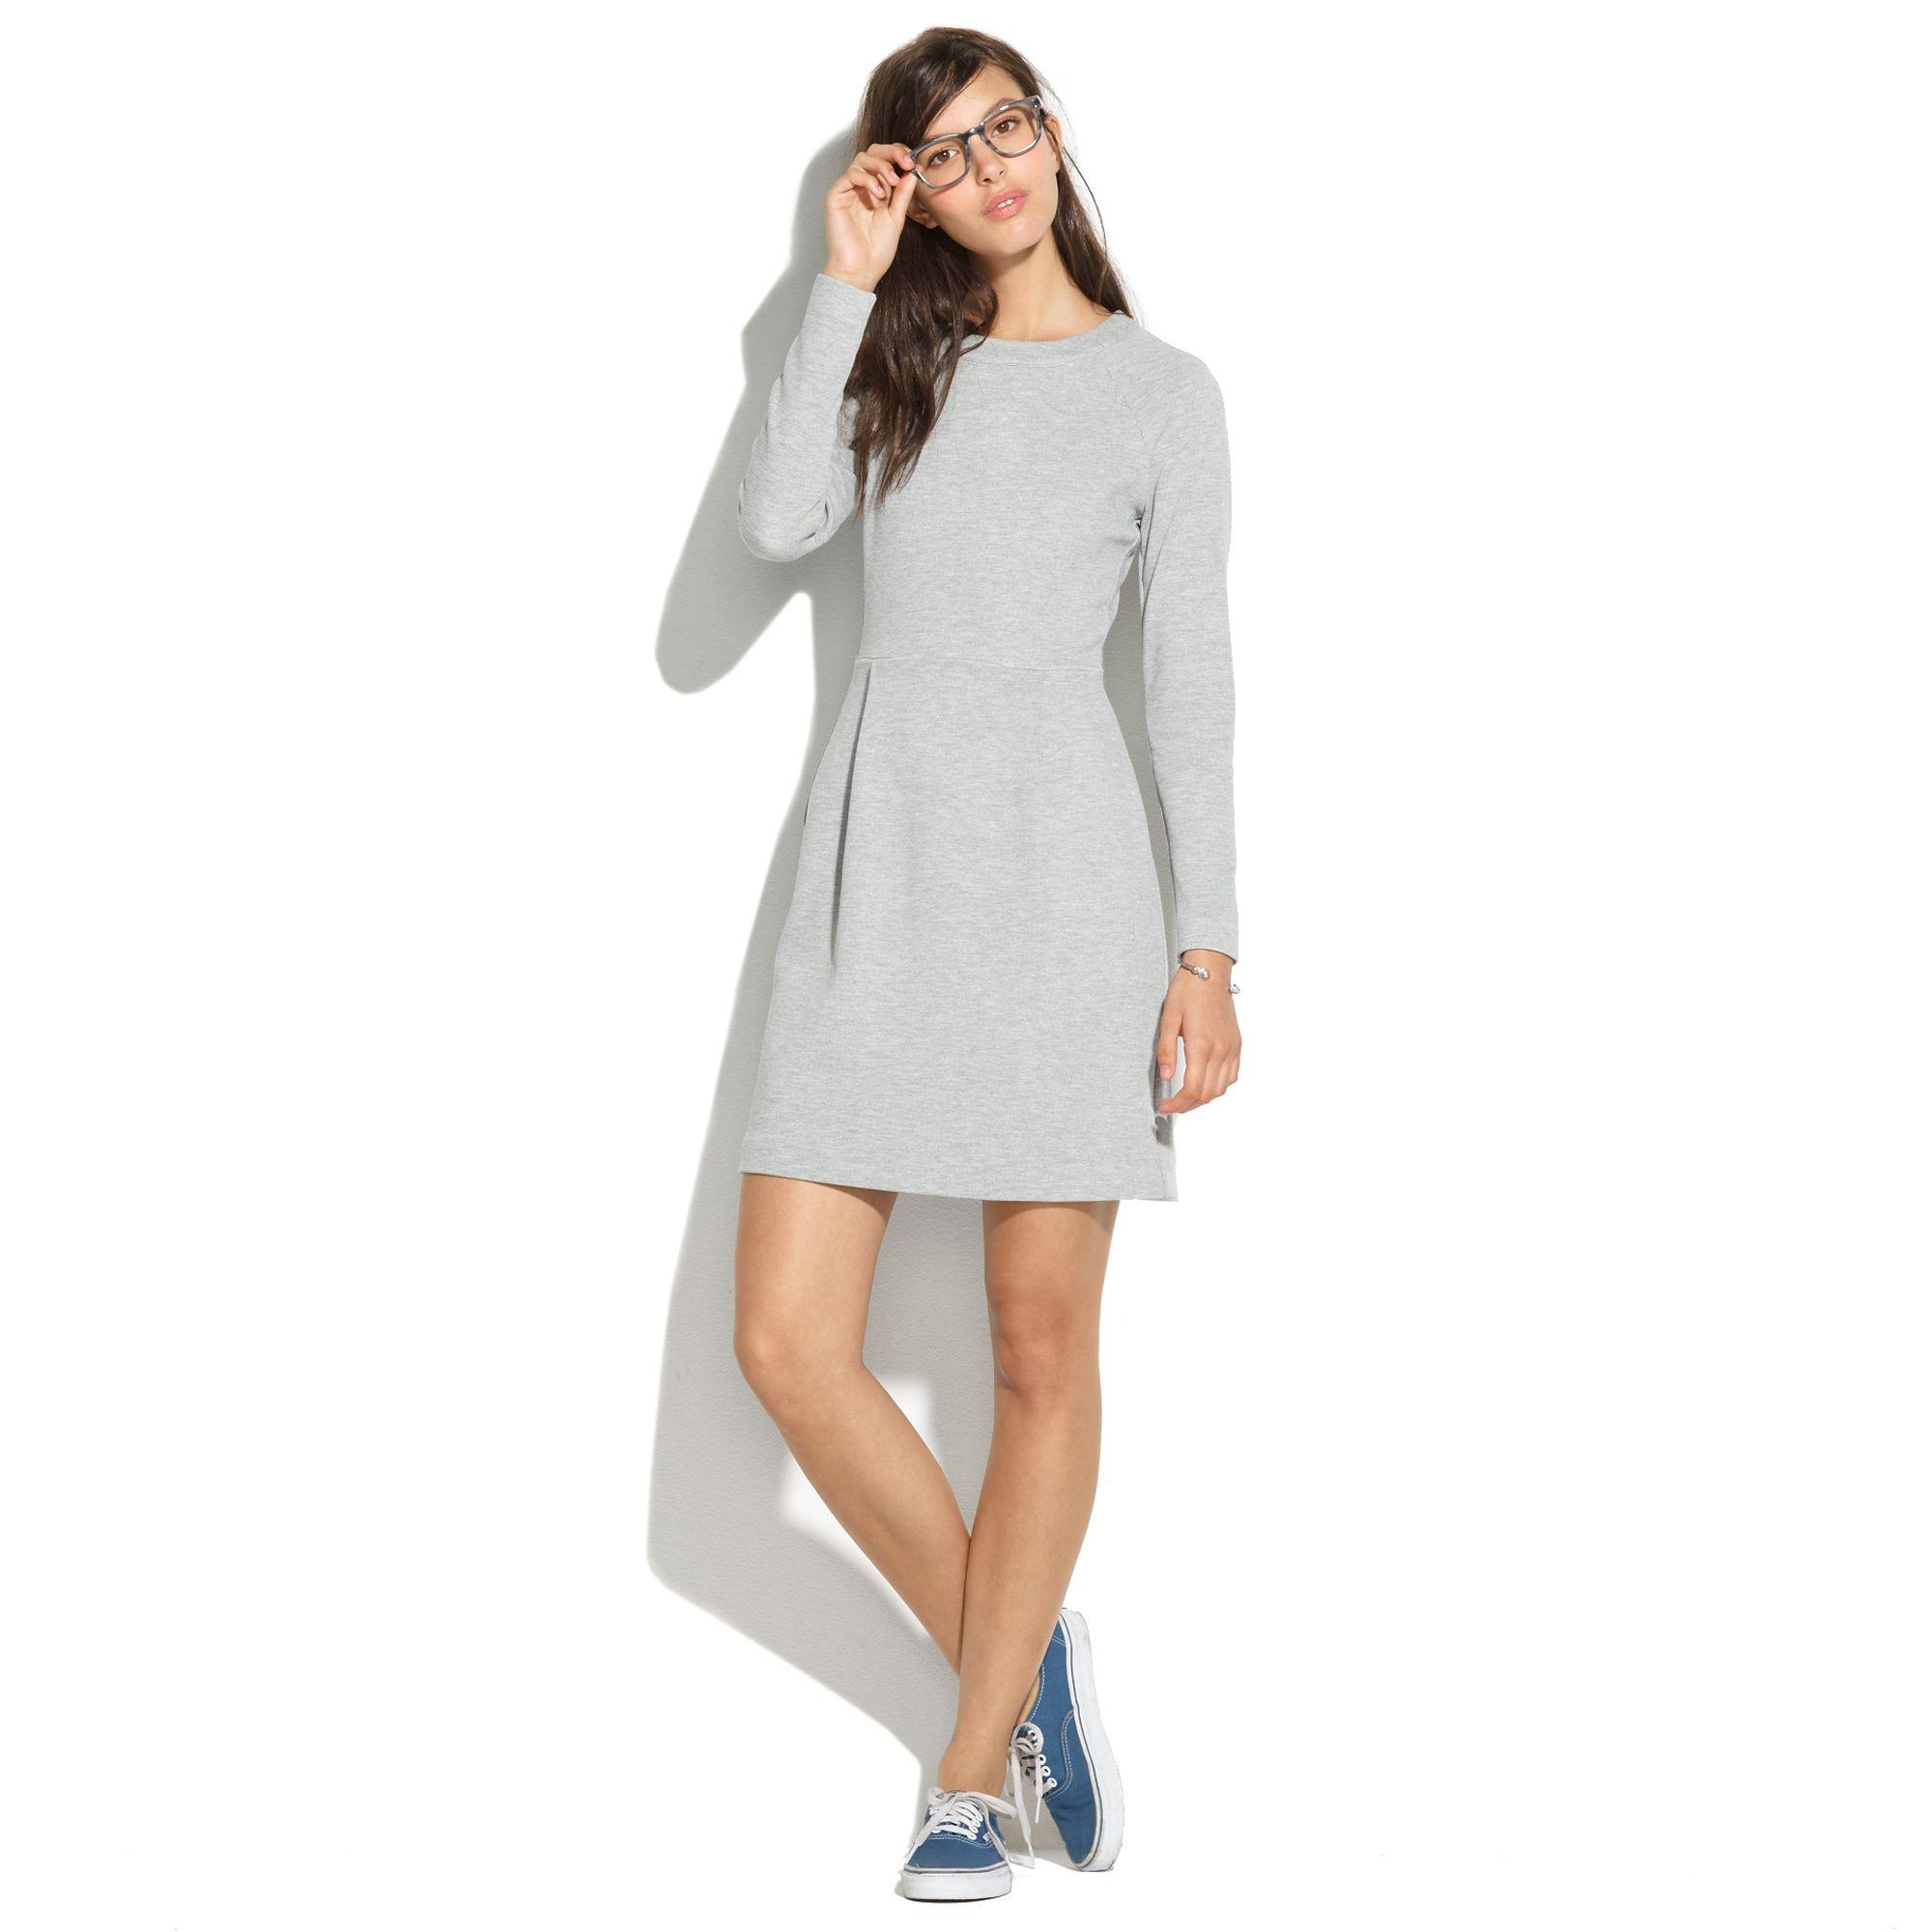 Madewell Longsleeve Sweatshirt Dress in Gray | Lyst